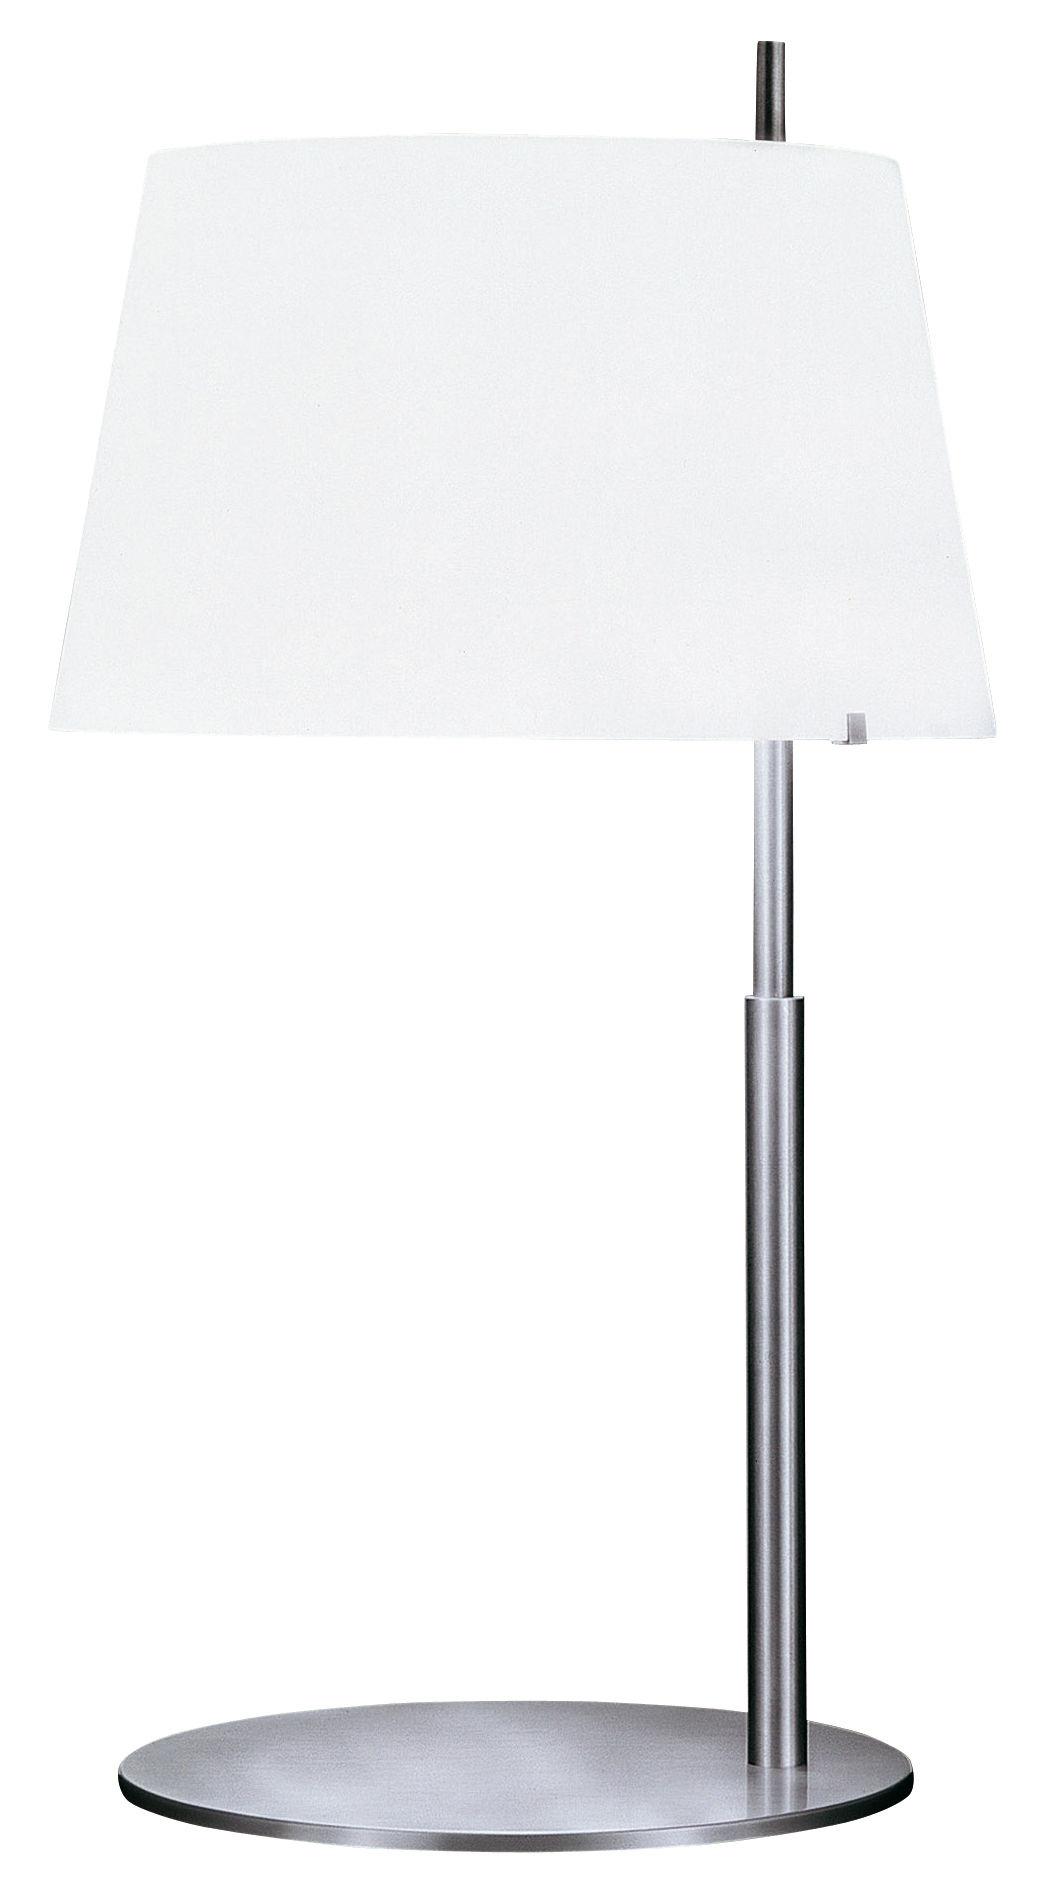 Luminaire - Lampes de table - Lampe de table Passion - Fontana Arte - H 60 cm - Nickel brossé - Laiton brossé, Verre soufflé